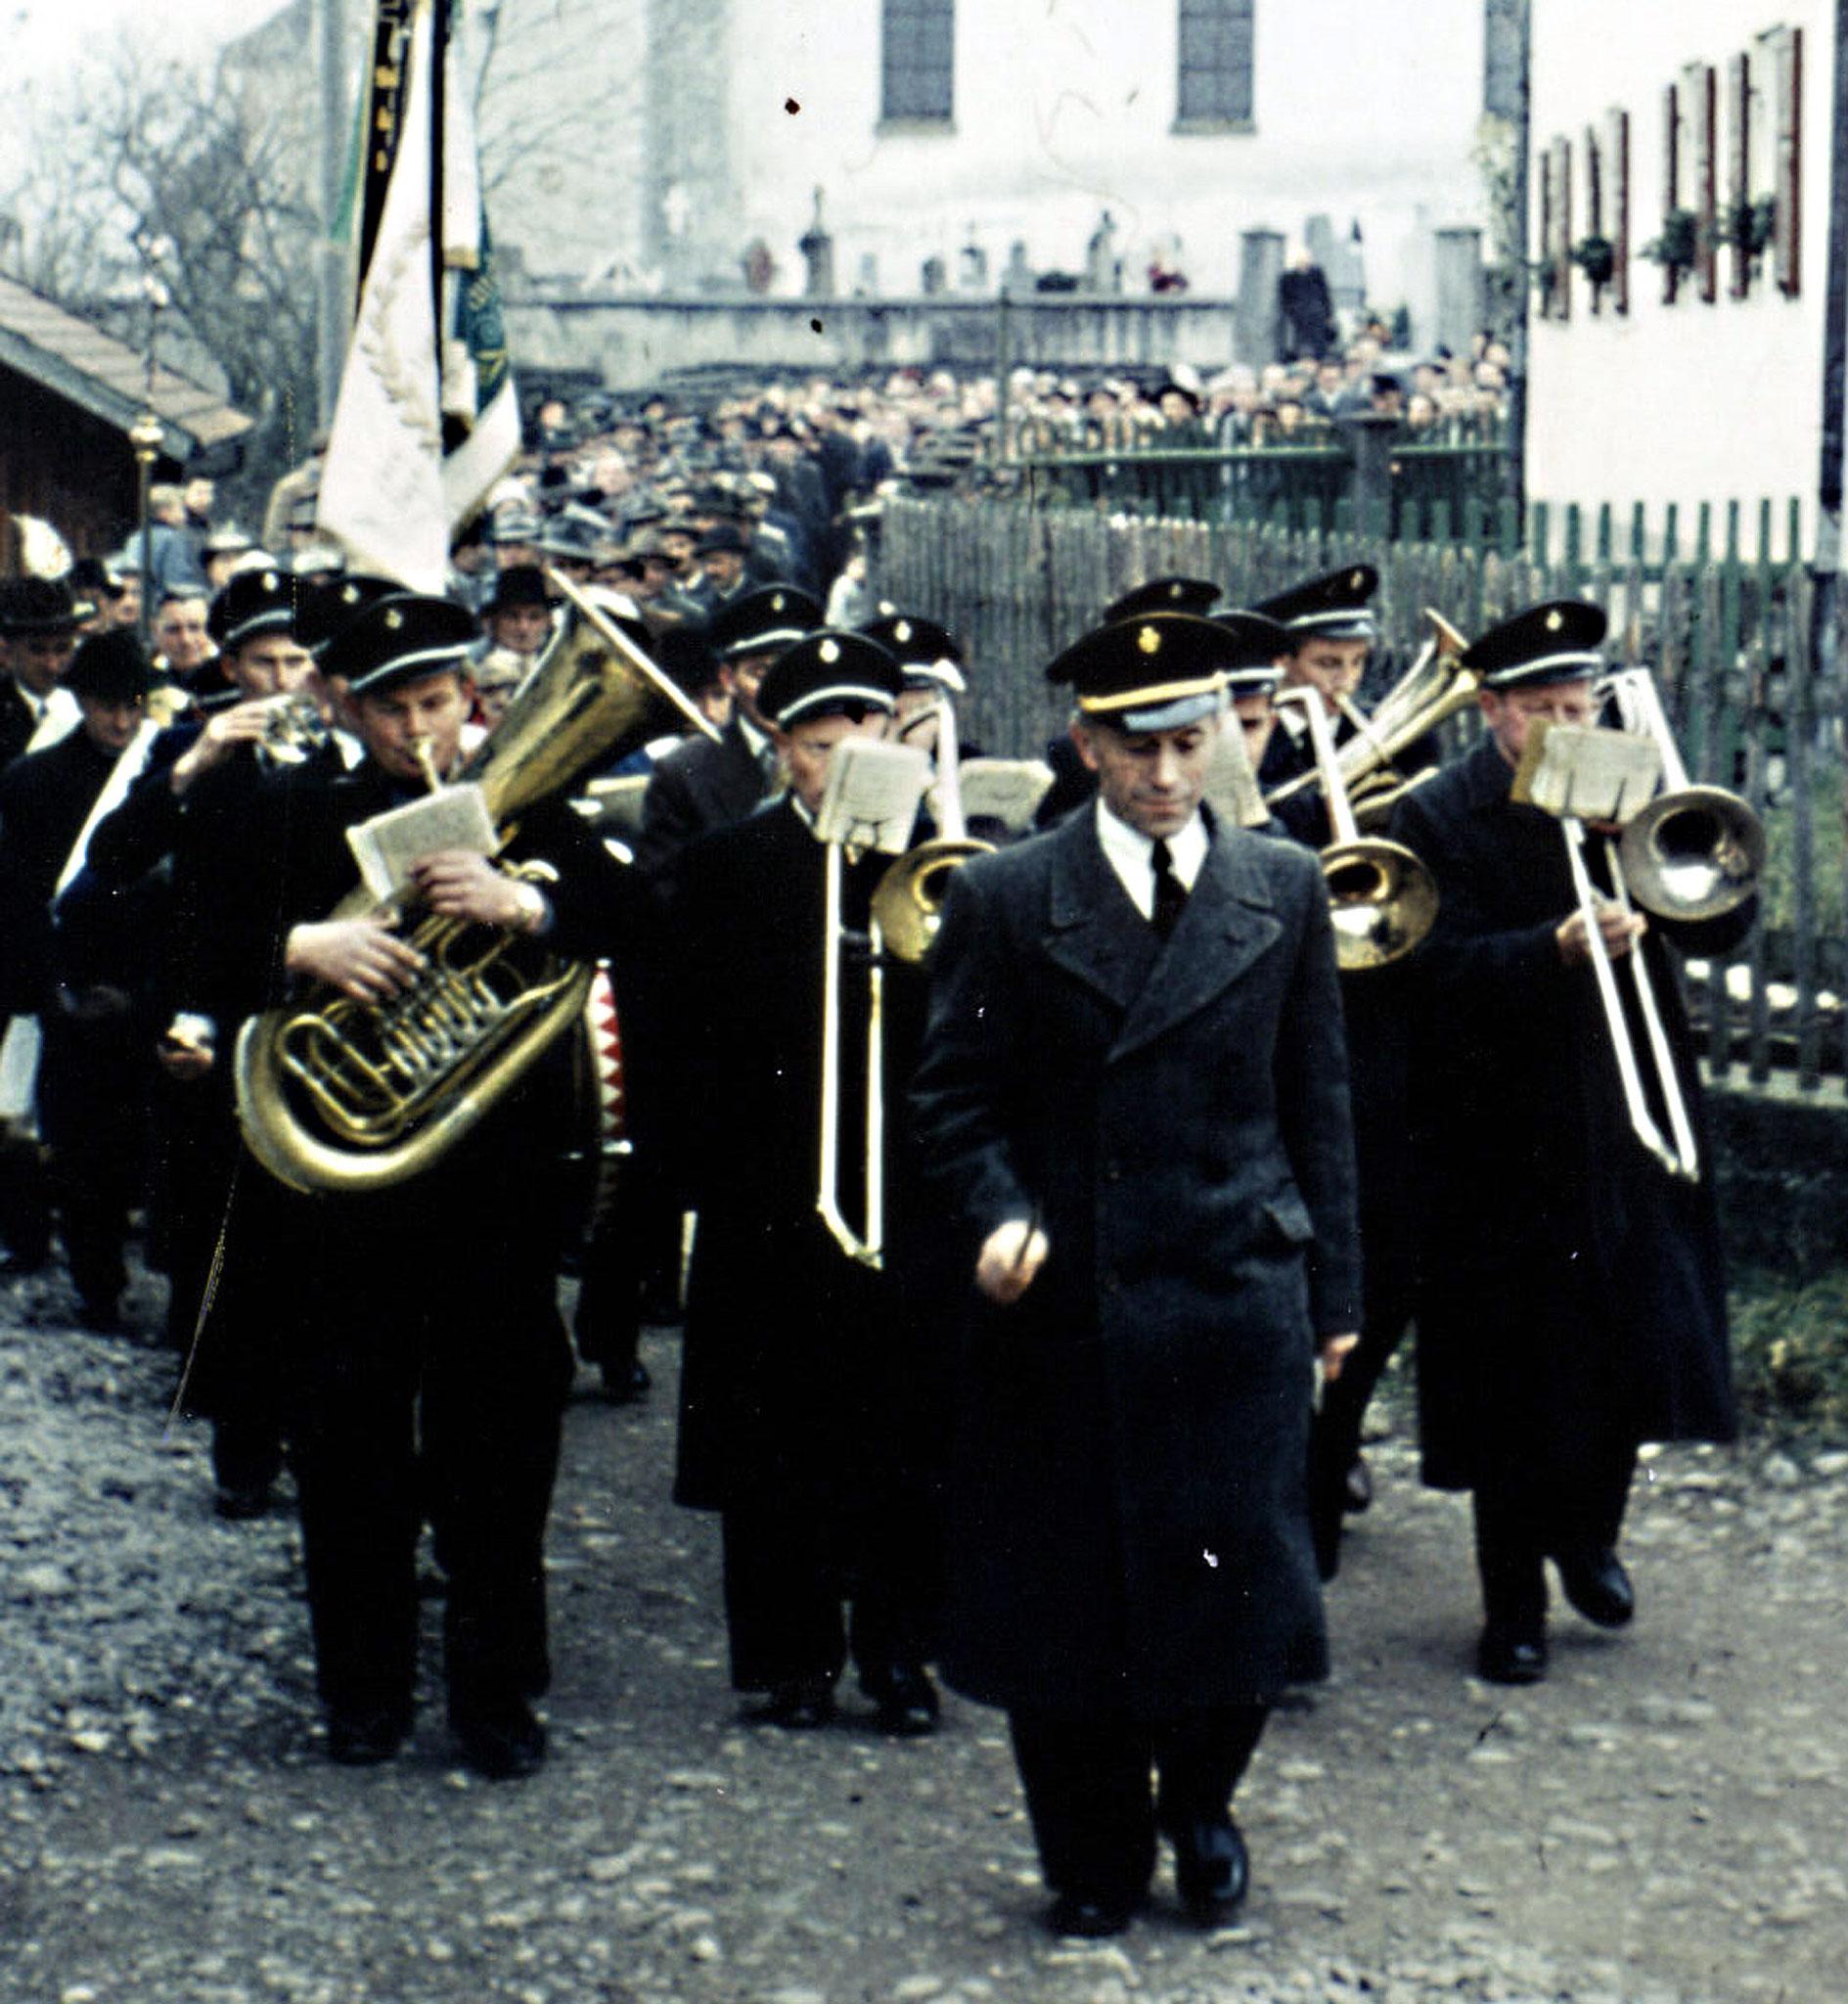 1958.11.27 - Weihe d. neuen Schule i. Epf.-1